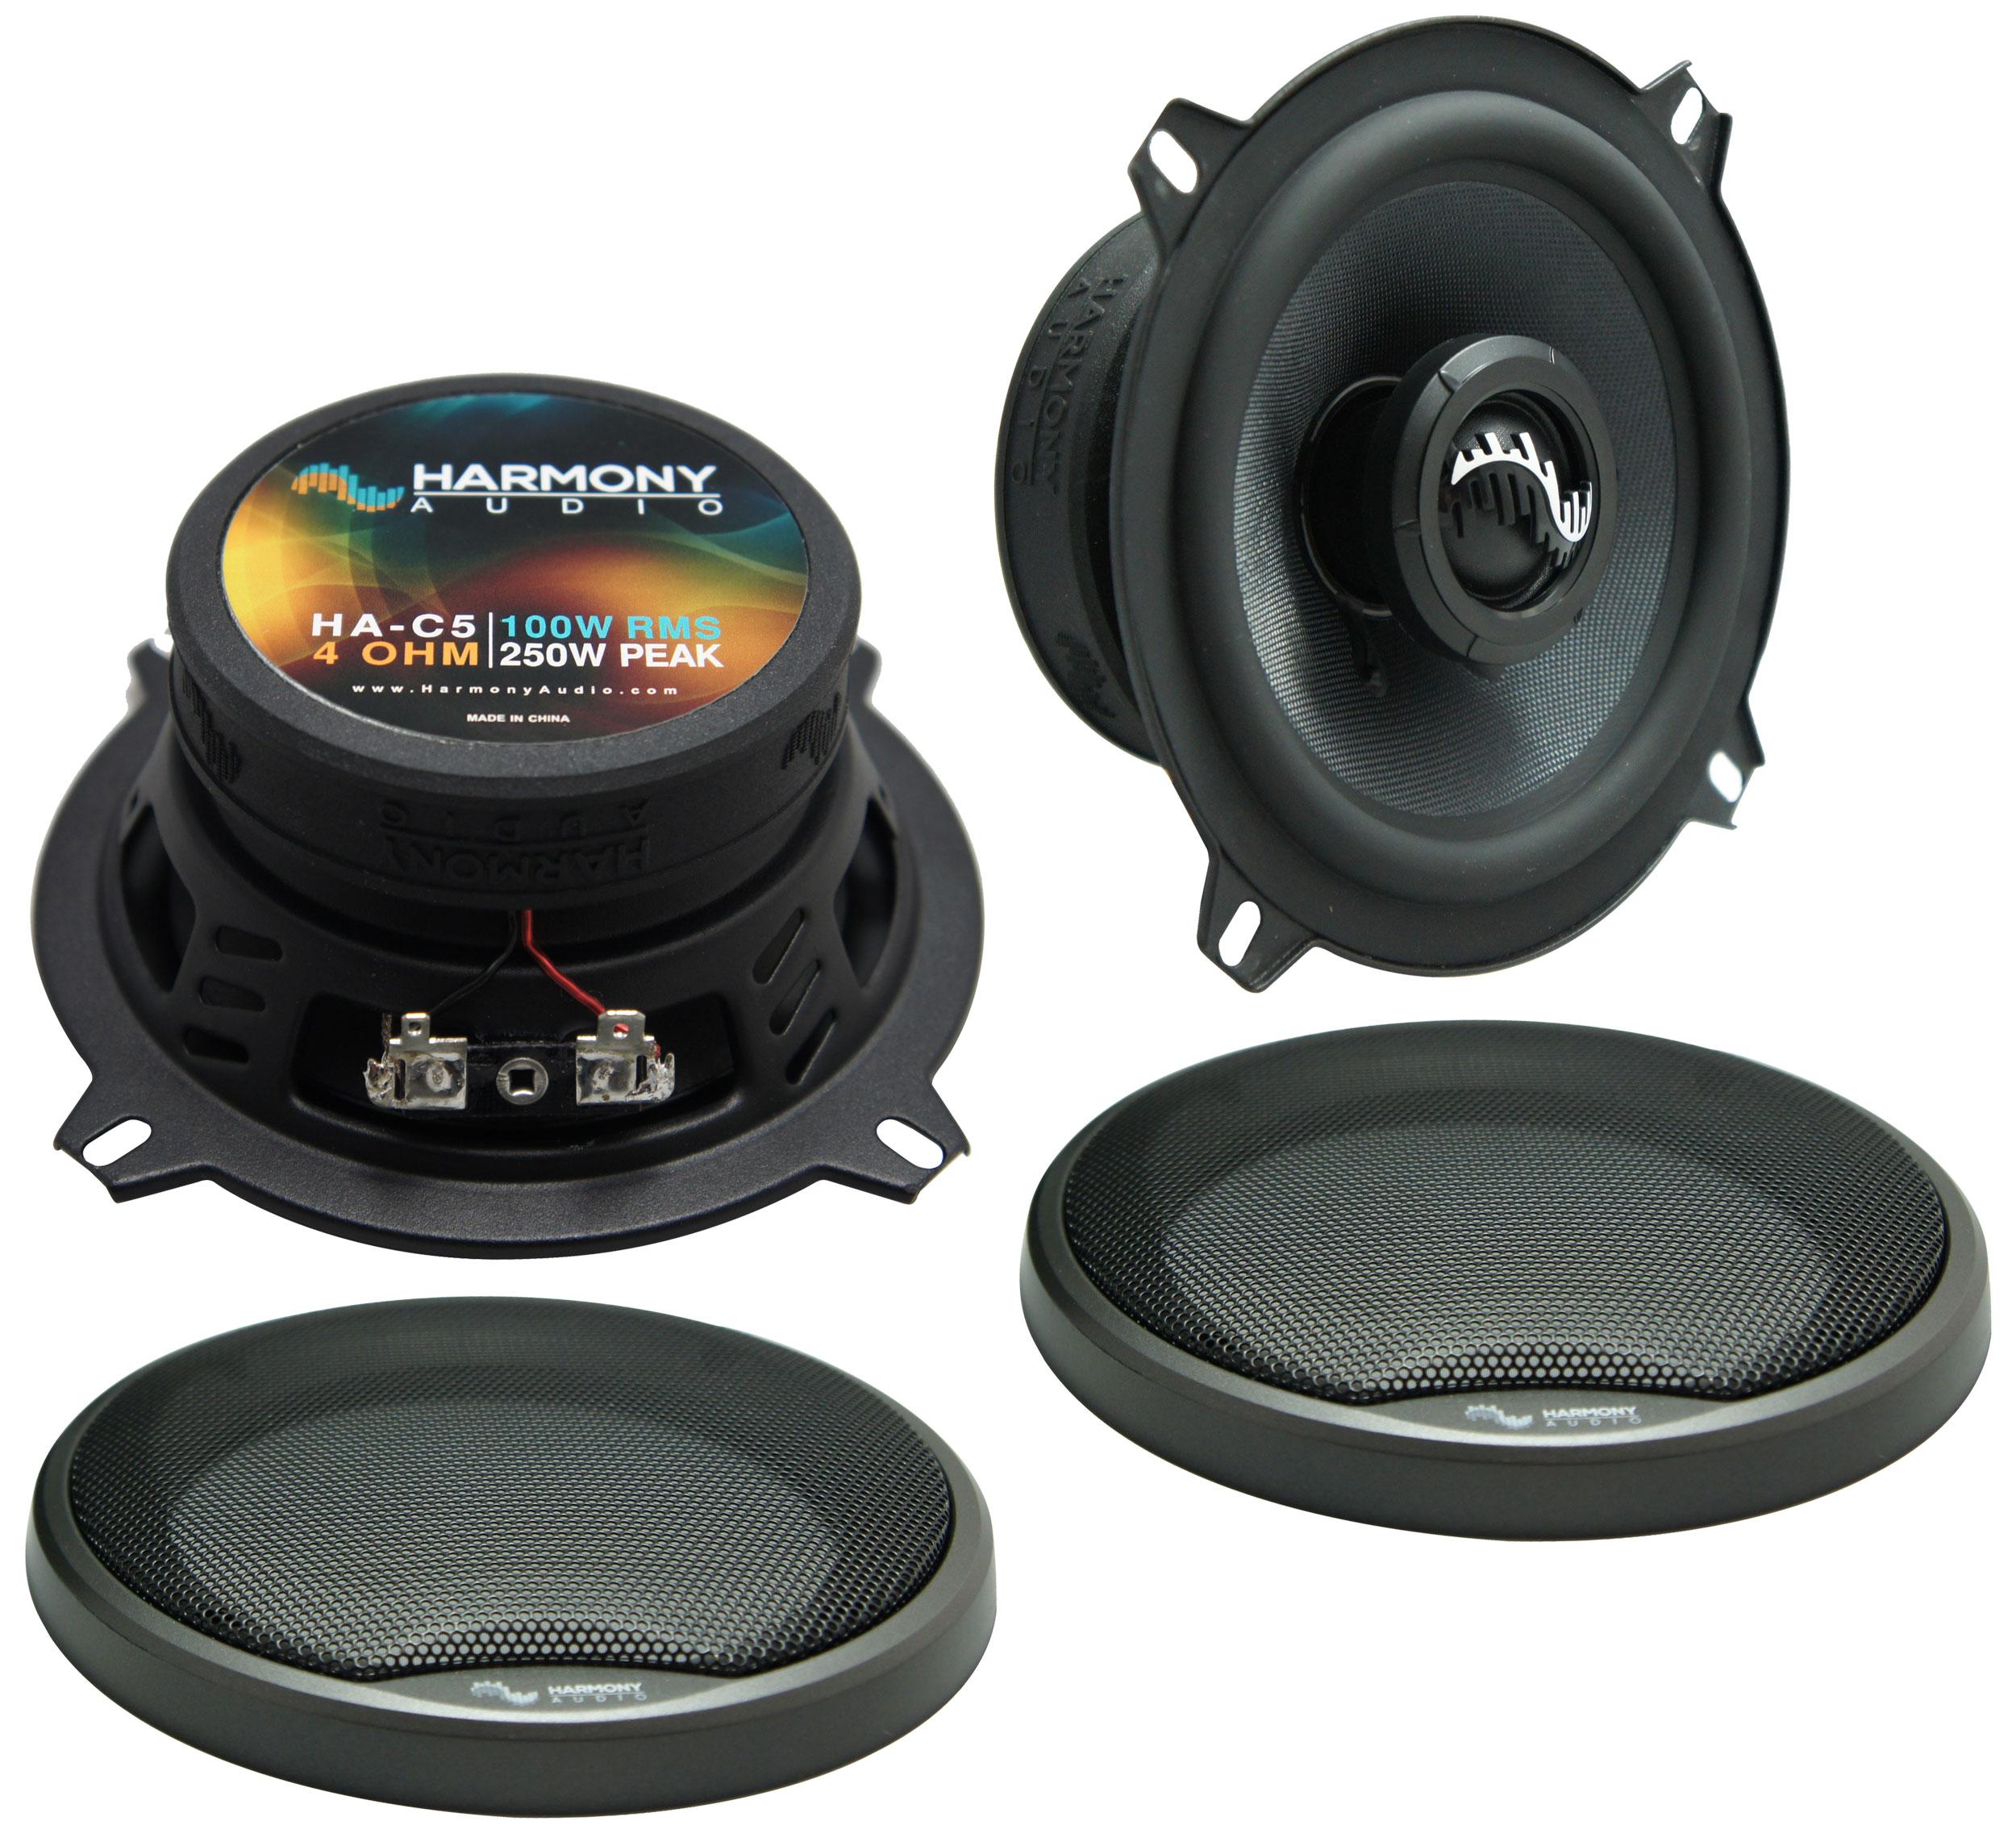 Fits BMW X3 2004-2010 Front Door Replacement Speaker Harmony HA-C5 Premium Speakers New